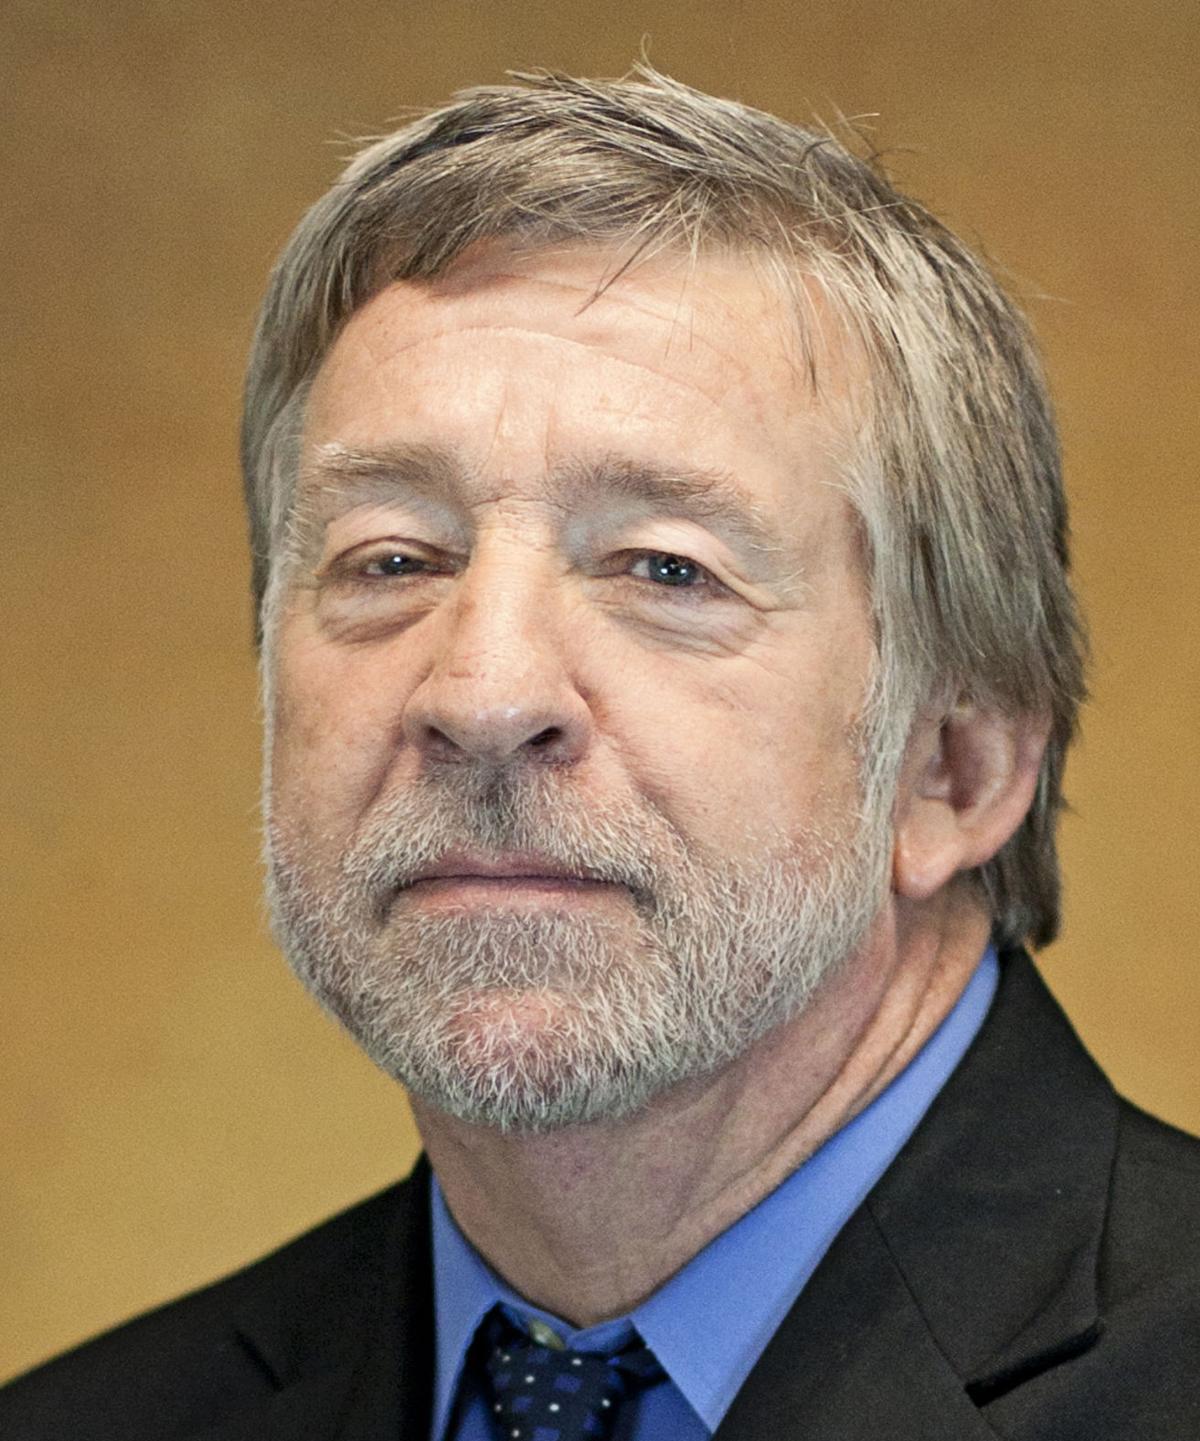 Steve Marionneaux BR.judgerace18jdc.adv